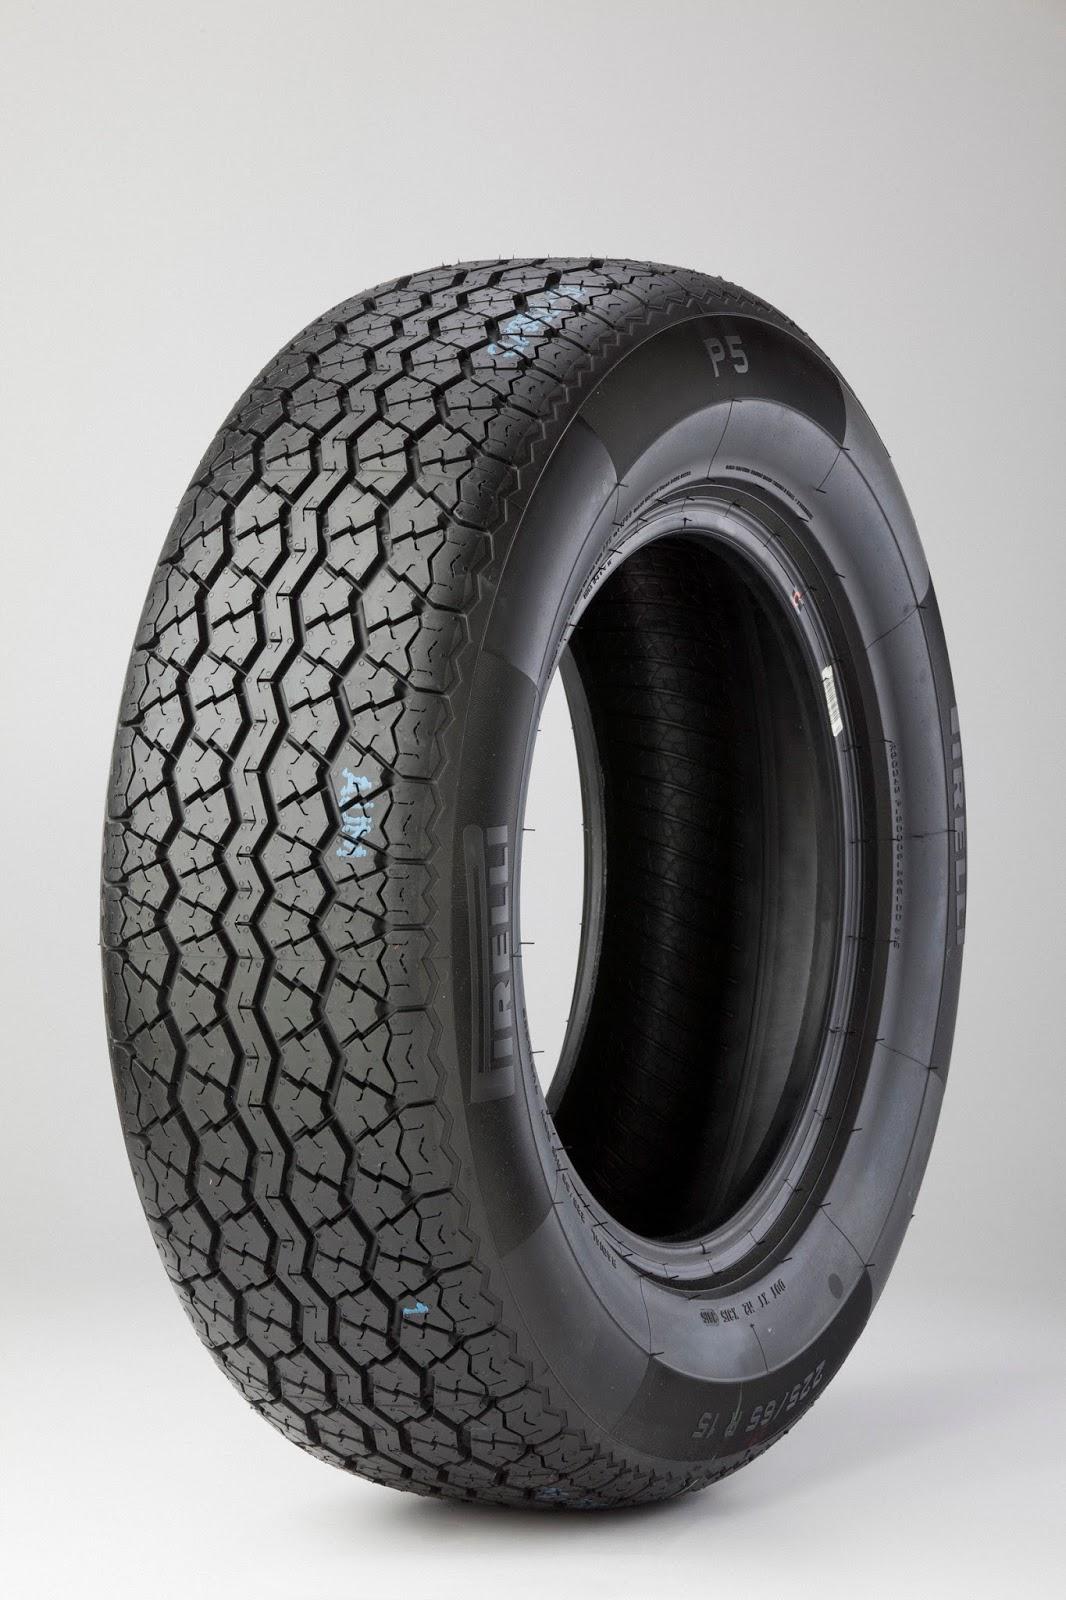 Pirelli P5_01